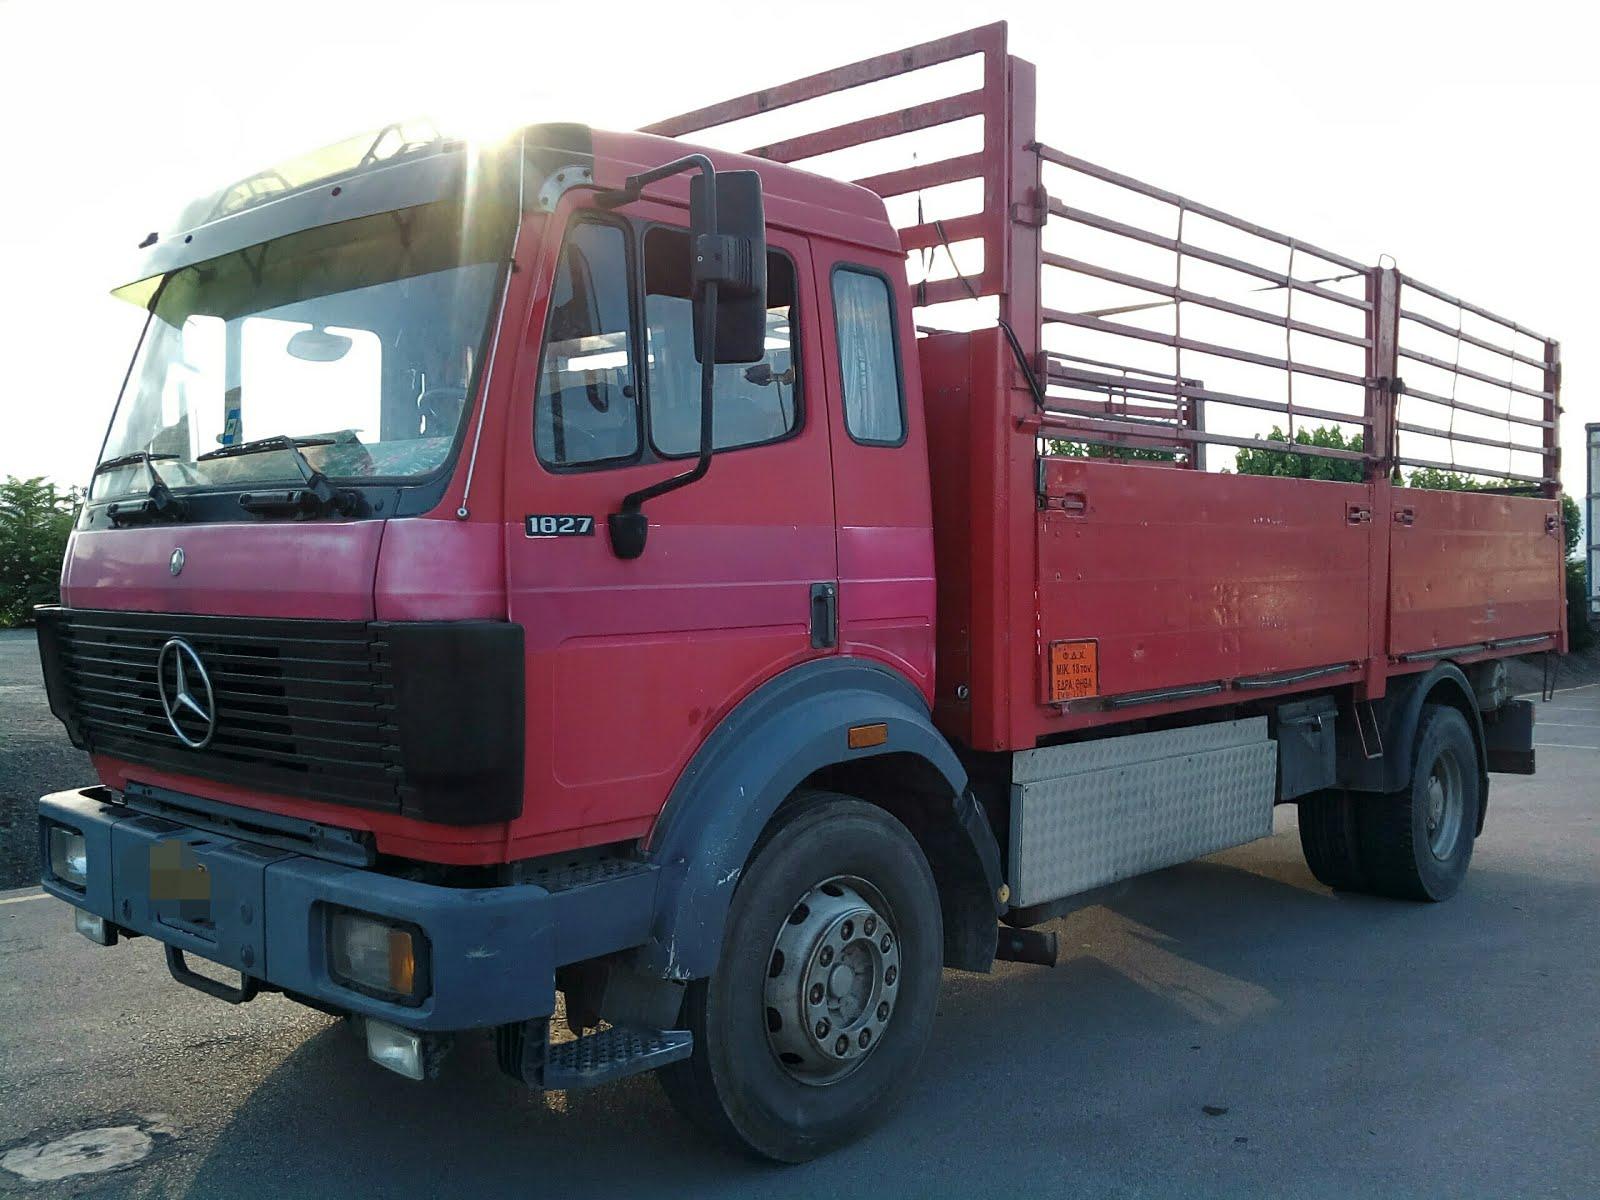 Αγγελία πώλησης άδειας και φορτηγού